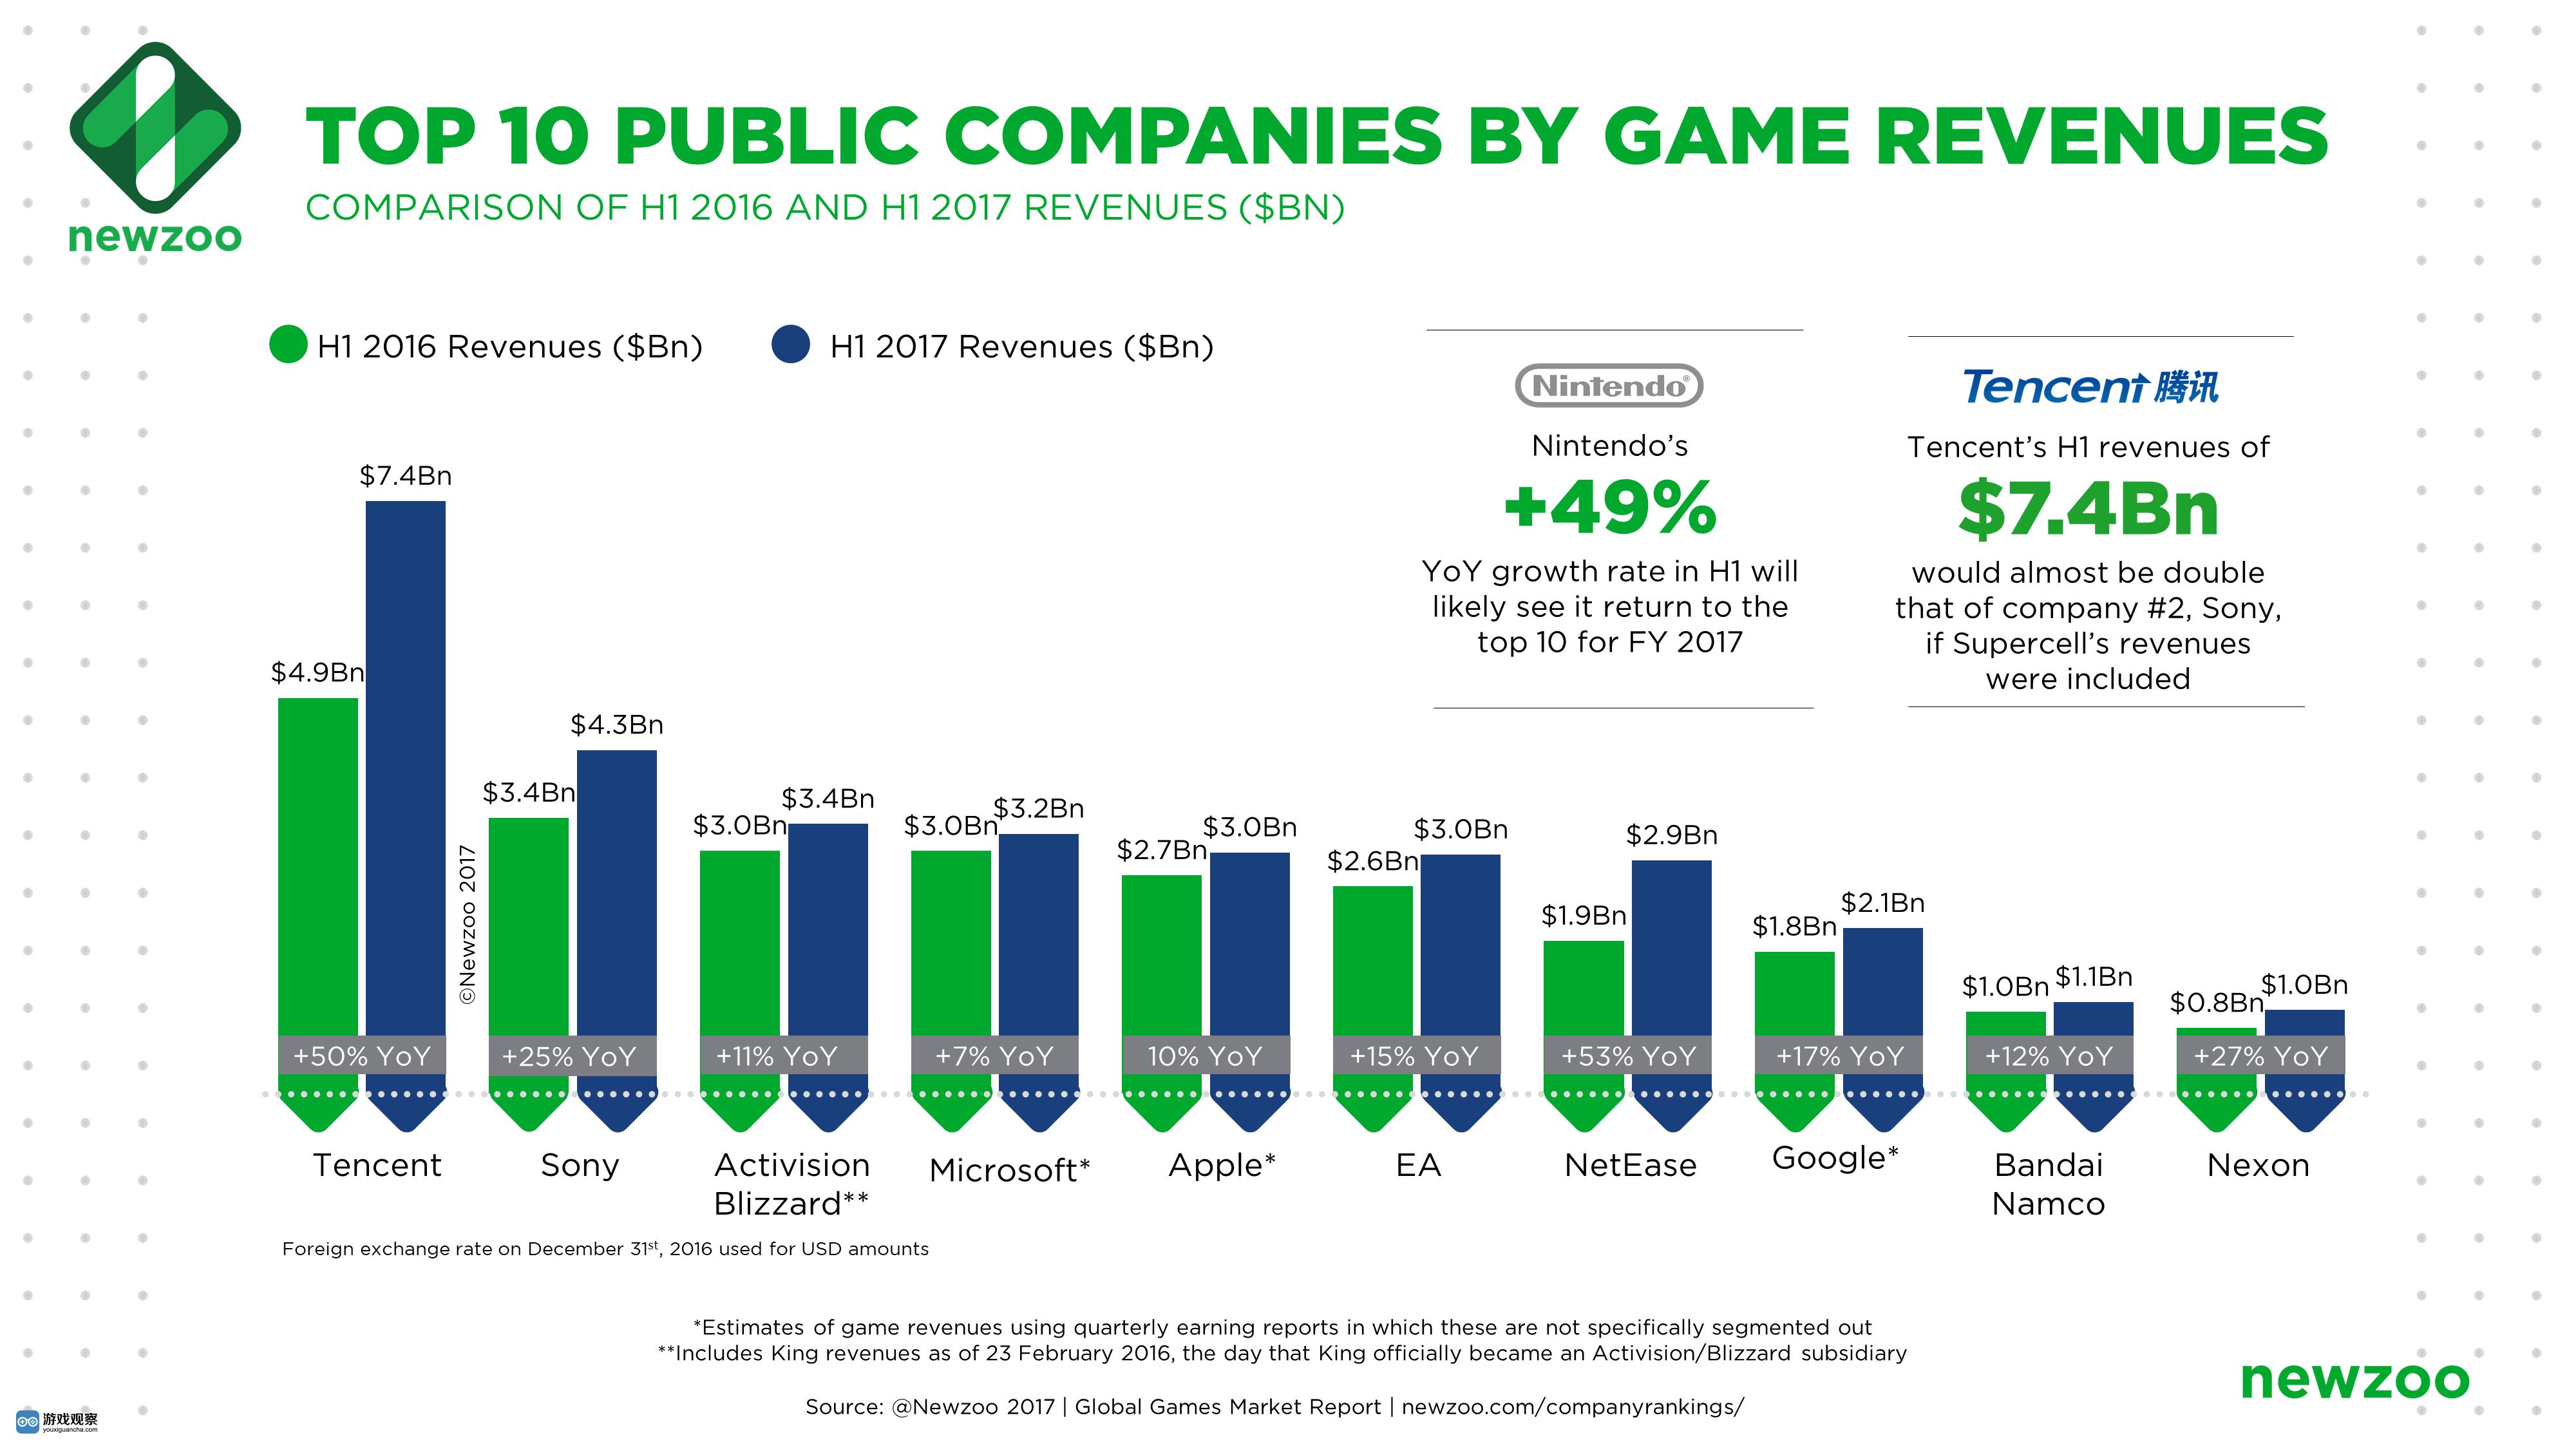 任天堂和 TAKE-TWO Interactive(美国游戏公司)排名上升最快